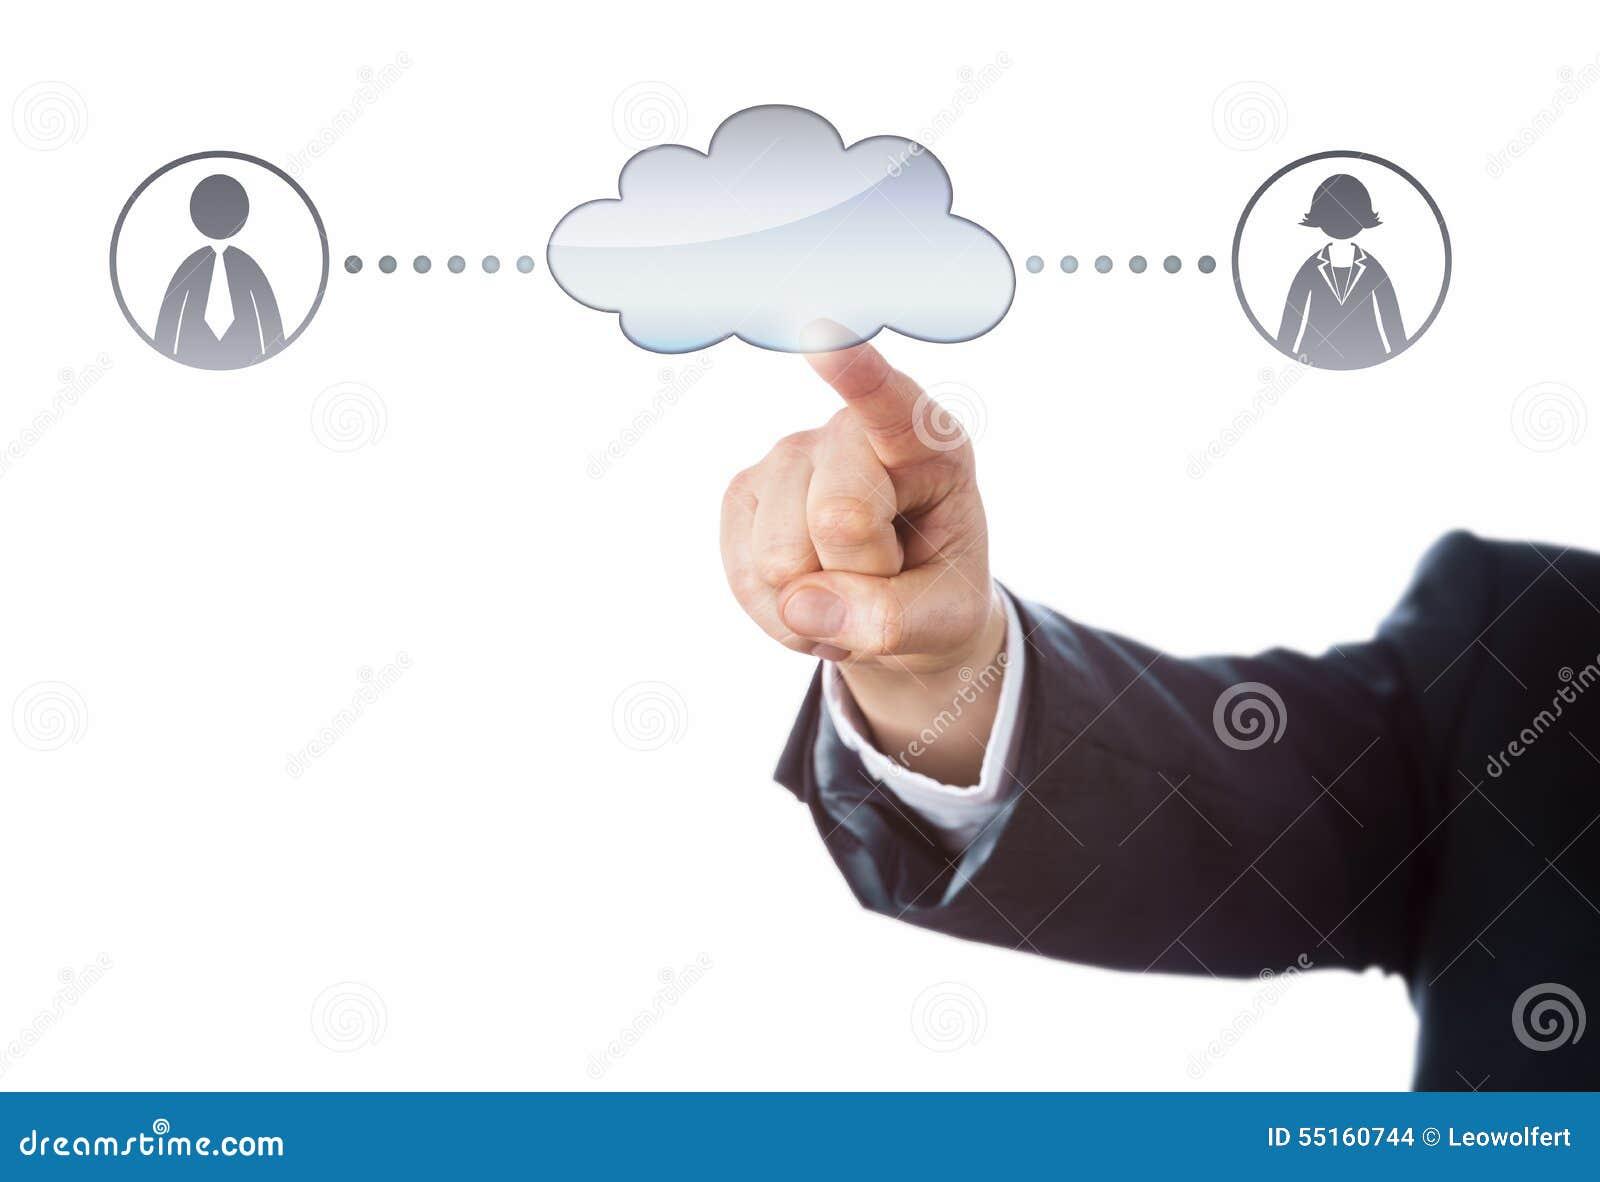 Conexión con dos oficinistas vía la nube